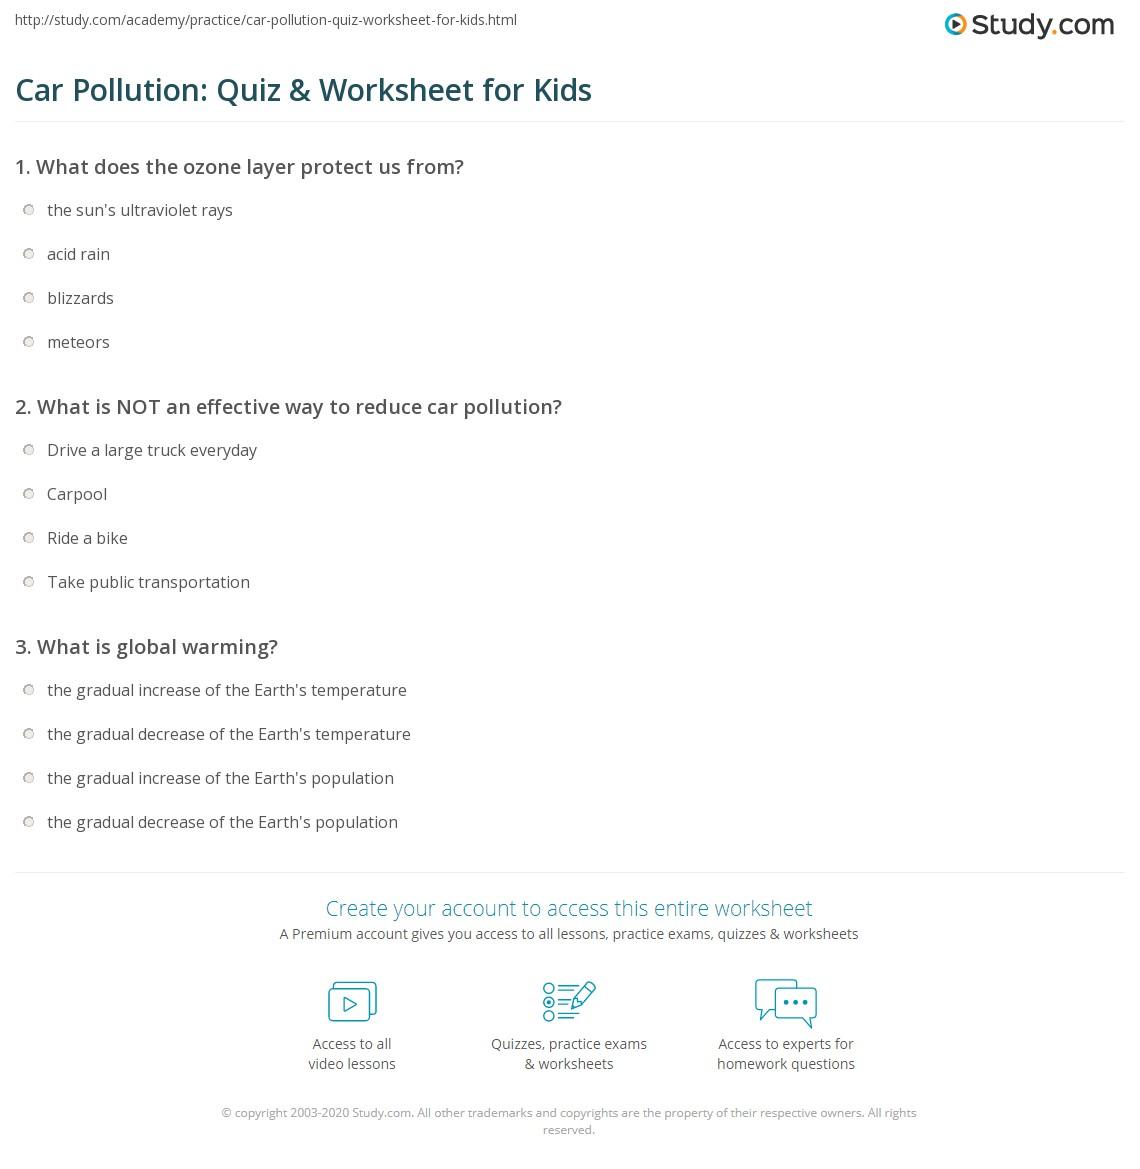 Car Pollution Quiz Worksheet For Kids